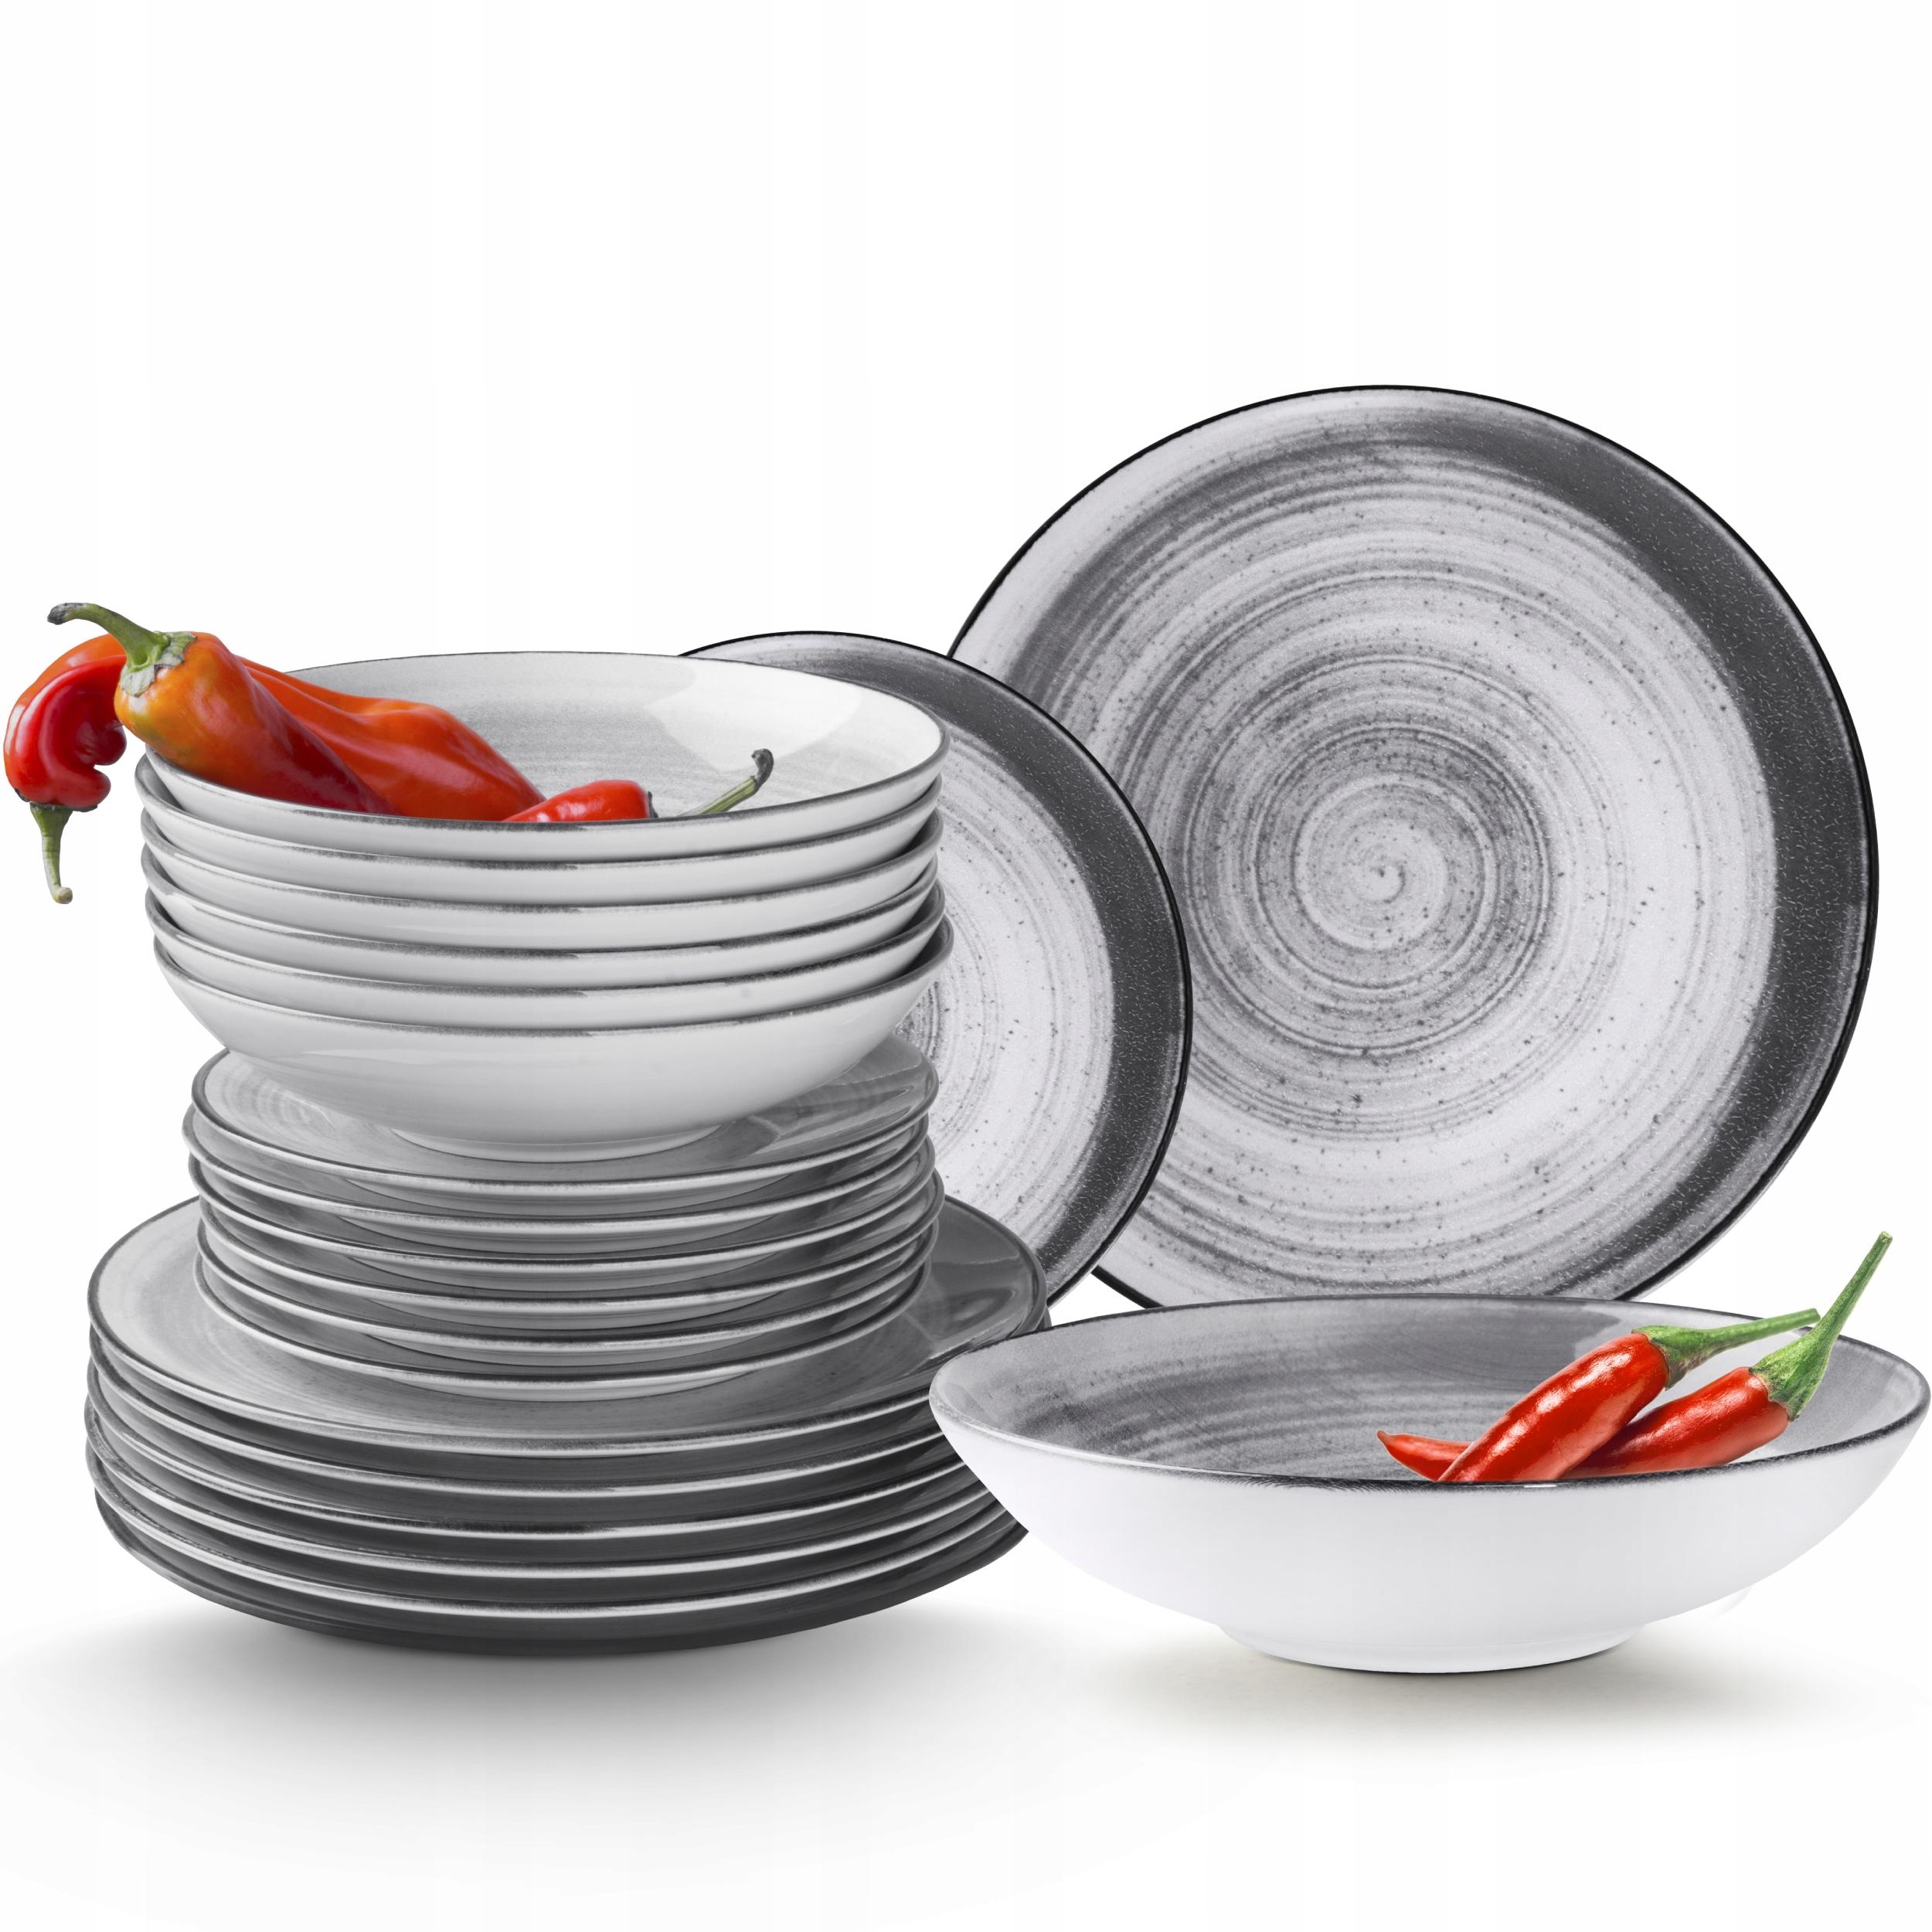 Komplet Porcelanowy Zestaw Obiadowy 18el KONSIMO